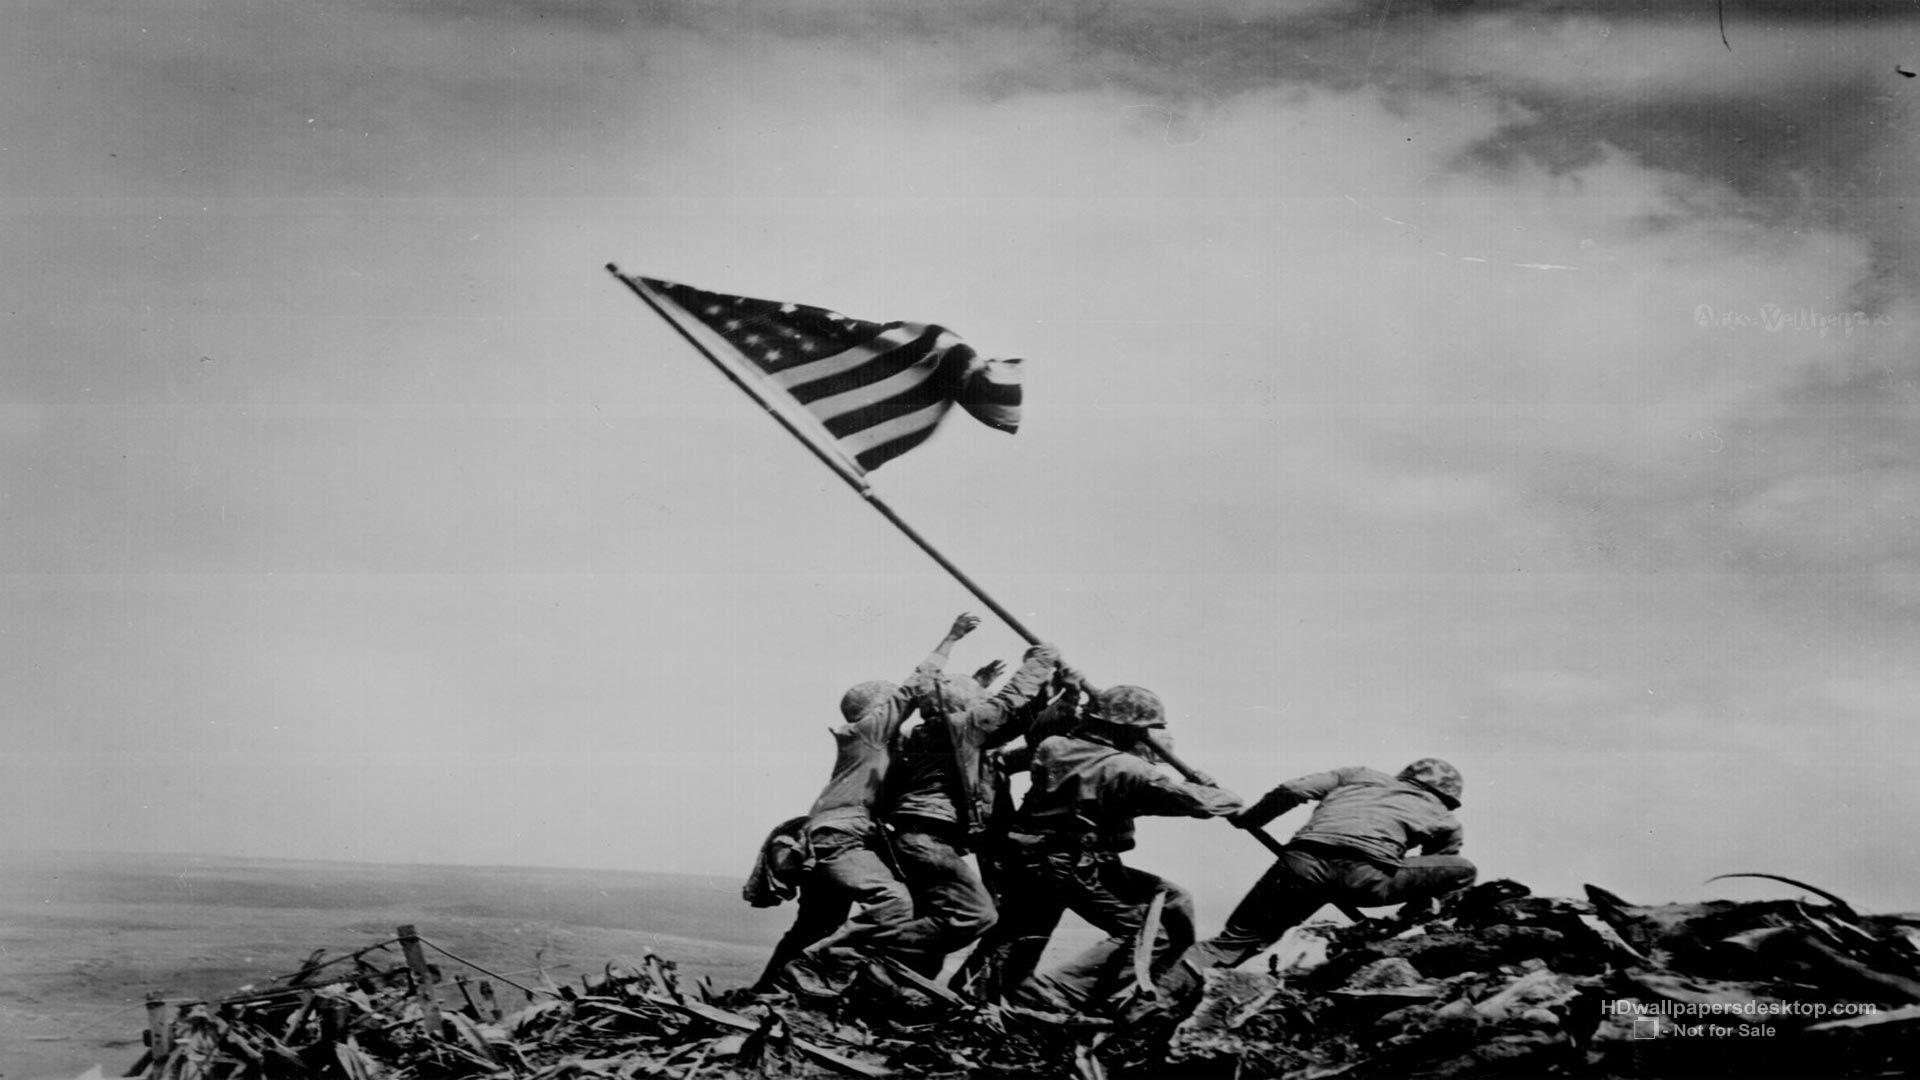 Iwo Jima Wallpapers Wallpaper Cave Battle Of Iwo Jima Iwo Iconic Photos